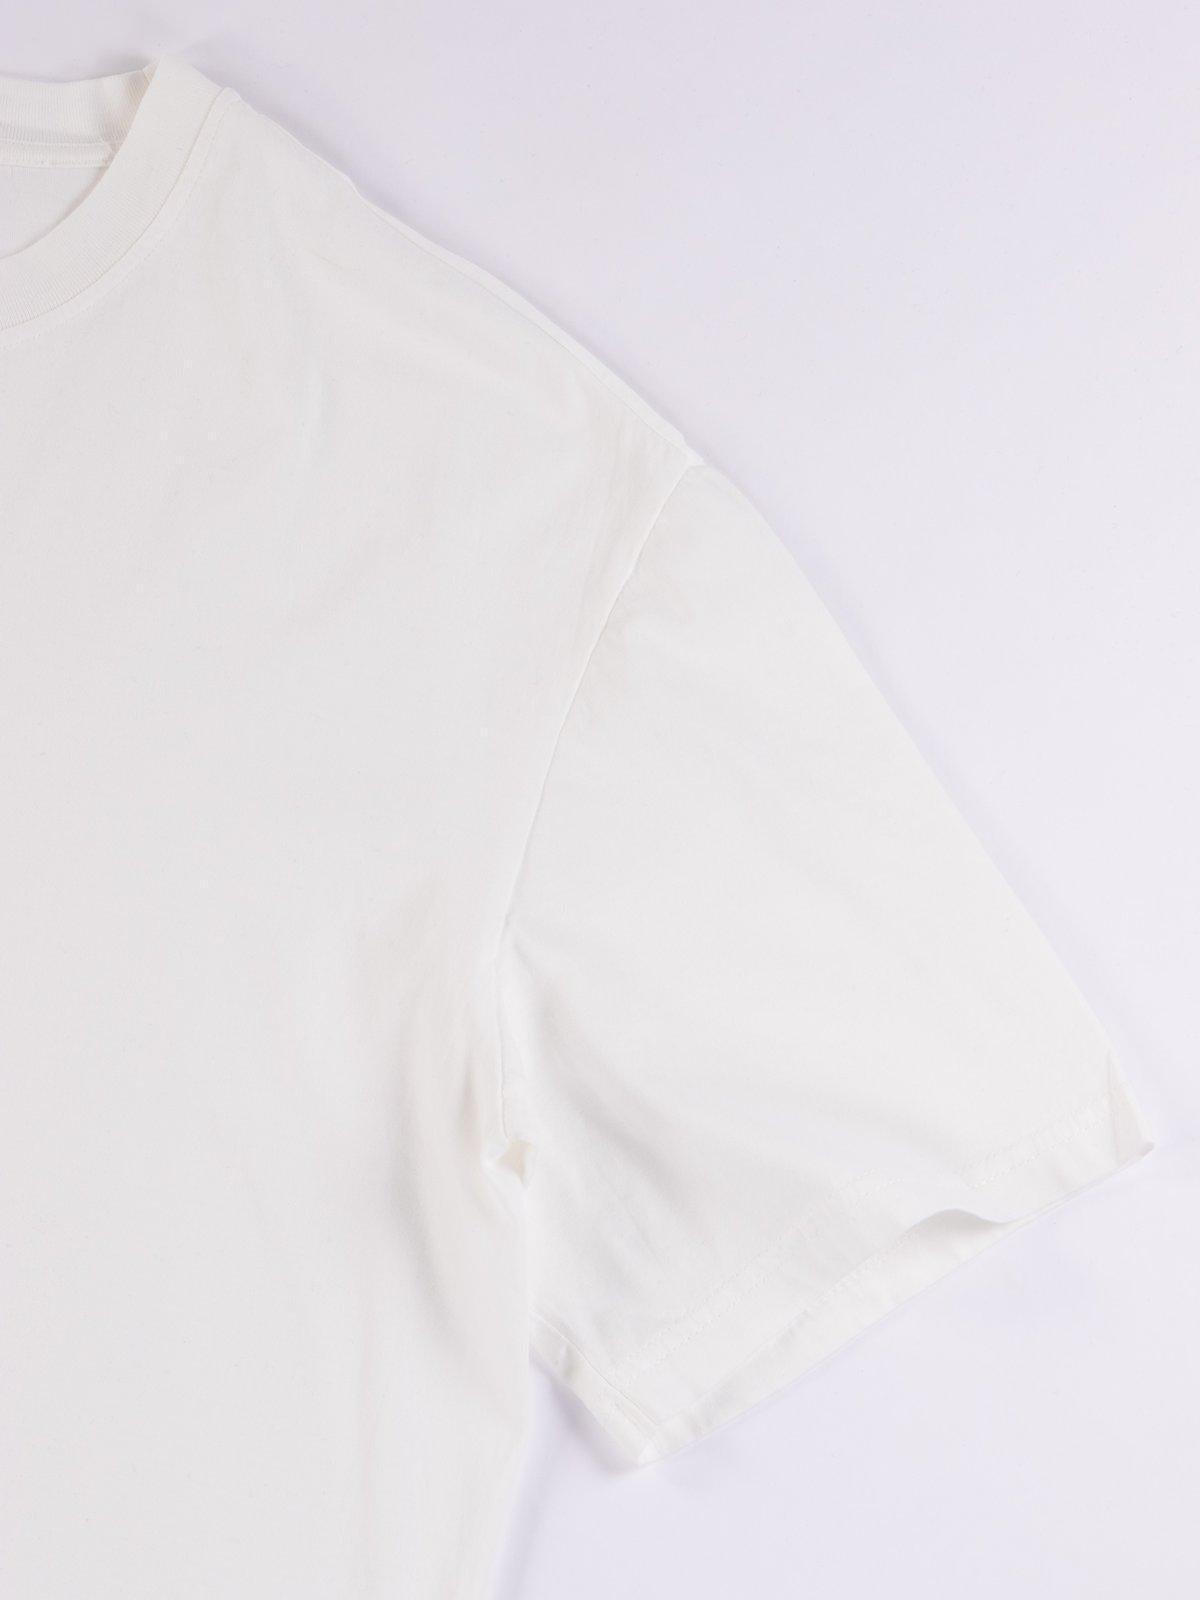 White Good Basics CTOS01 Oversized Crew Neck Tee - Image 4